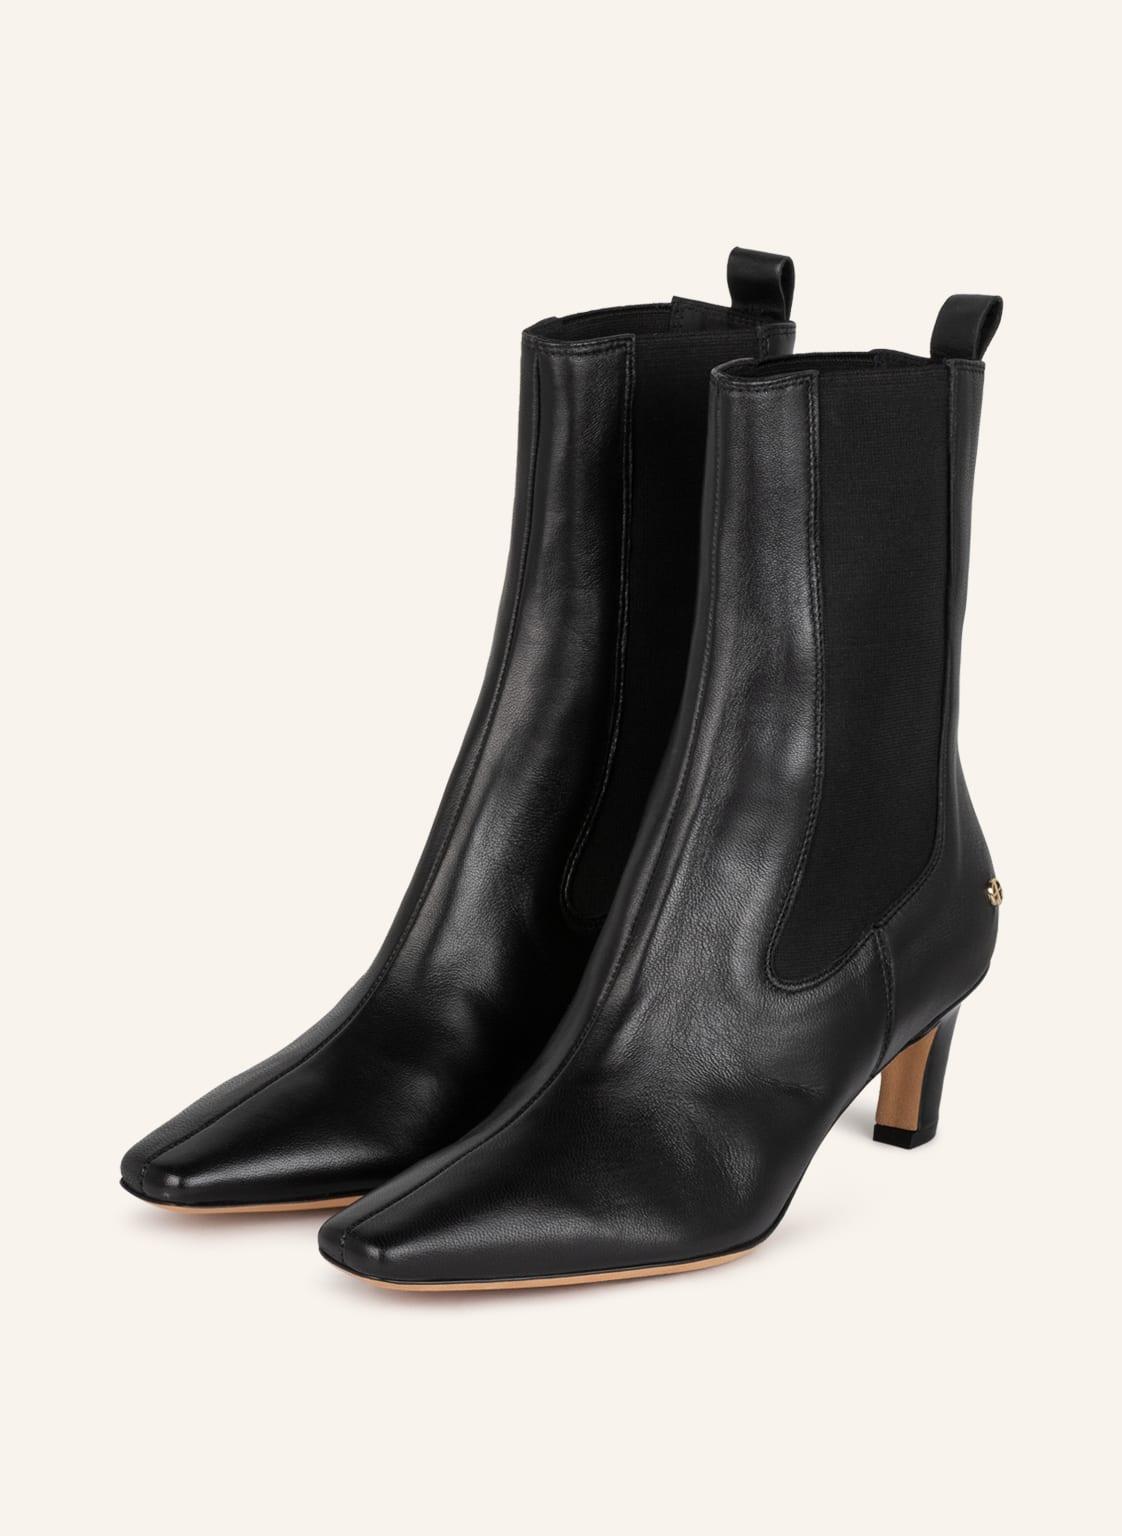 Image of Anine Bing Chelsea-Boots Nolan schwarz